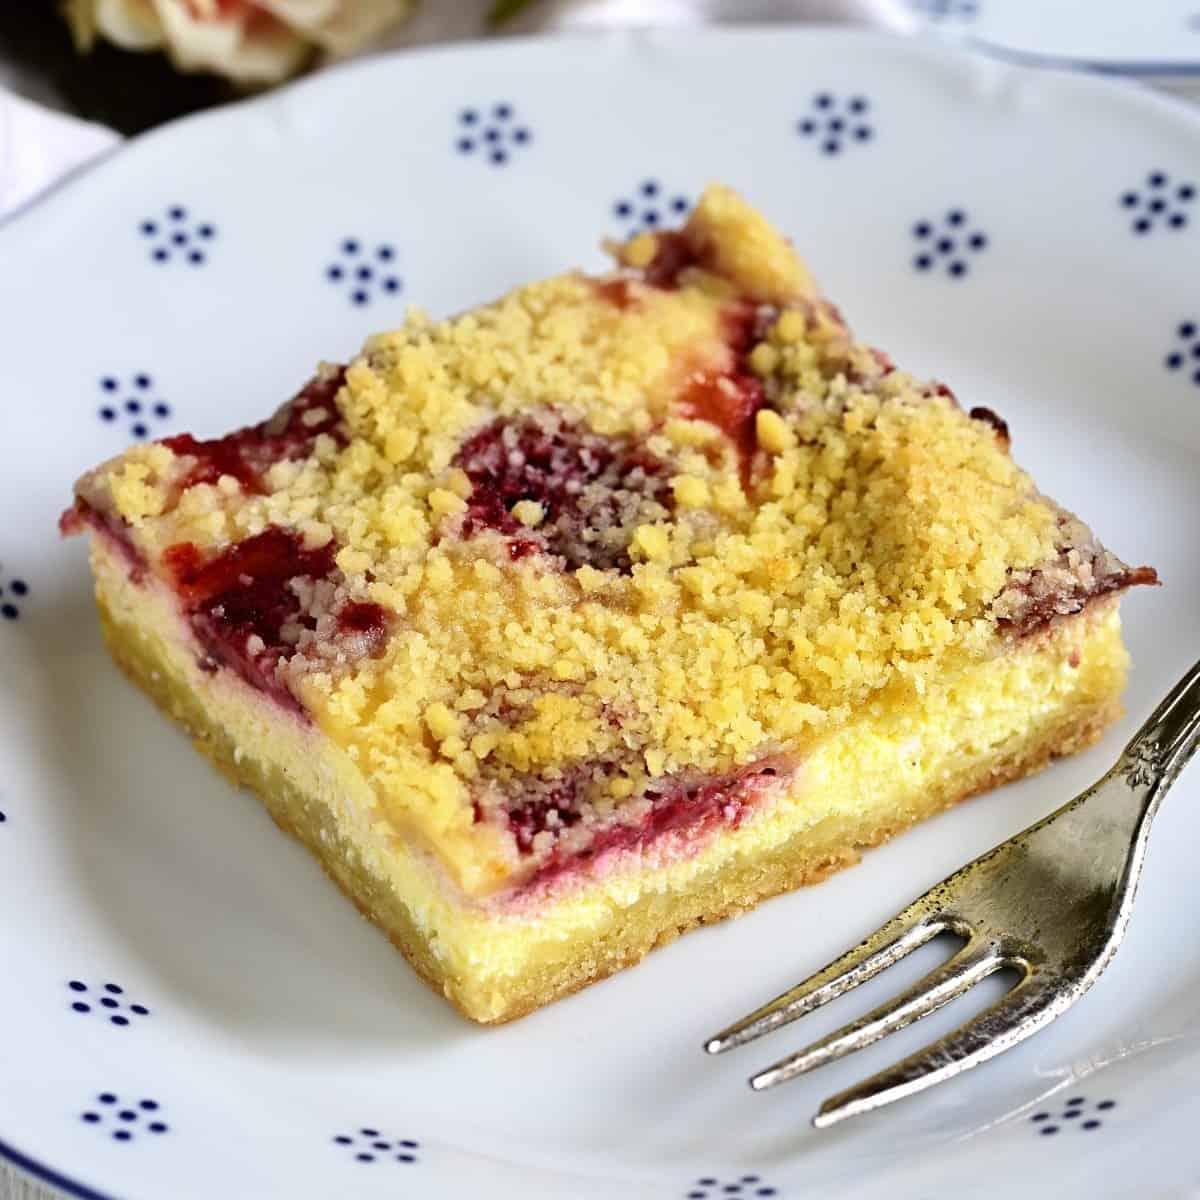 Czech tvarohový koláč served on a dessert plate